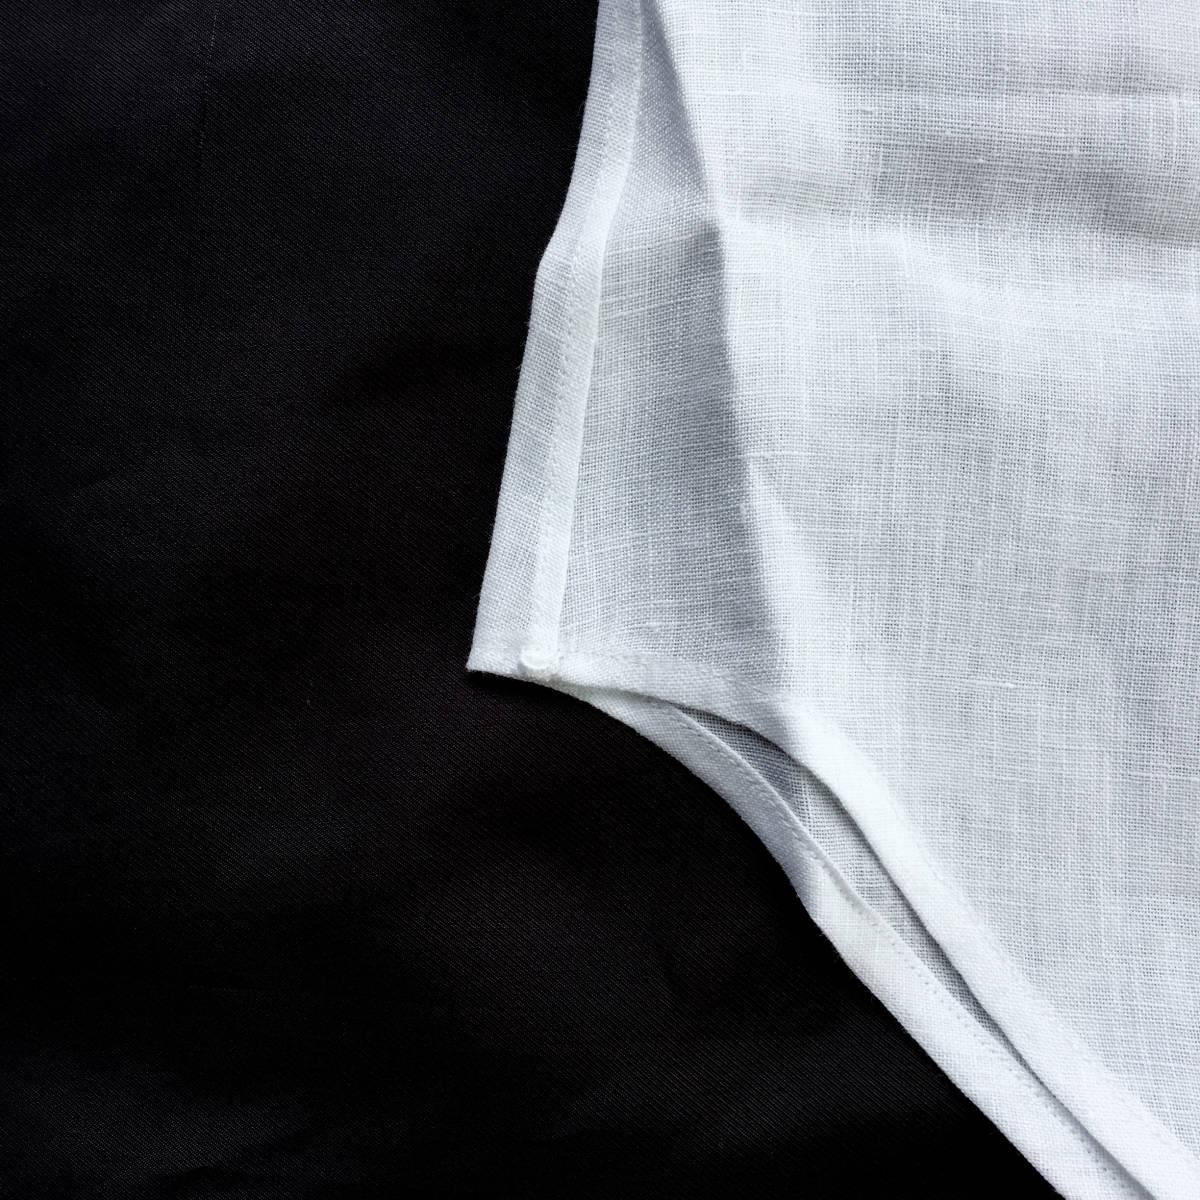 定価¥5.2万【イギリス王室御用達★最高級ハンドメイドシャツ★G.イングレーゼ】新品 白無地リネン イタリア銘品ジャンニアニエリモデル 39_画像6